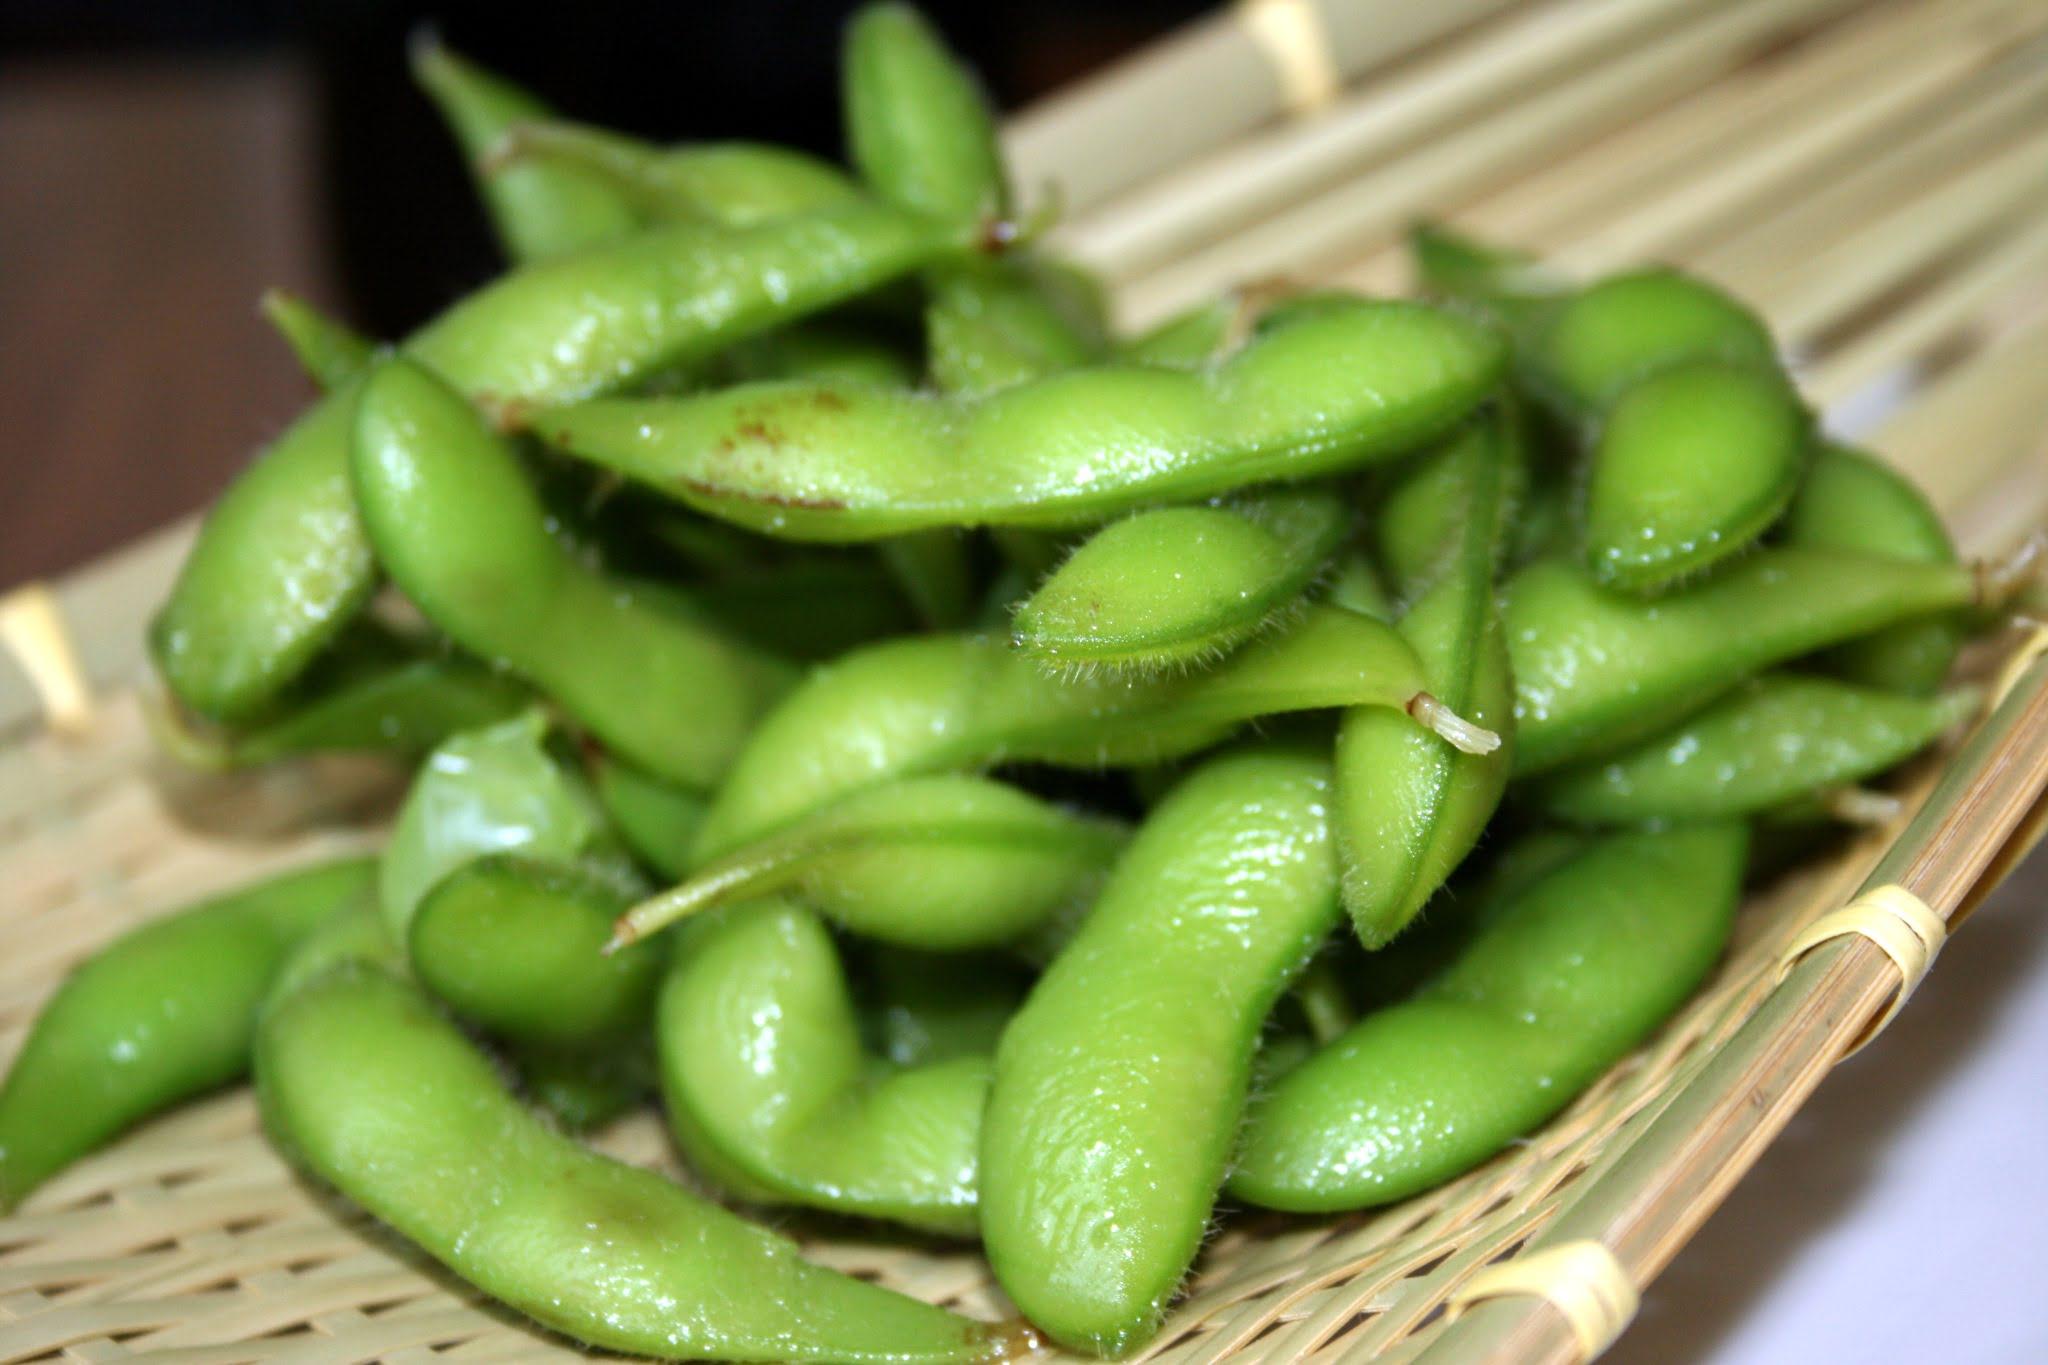 edamame, soybeans